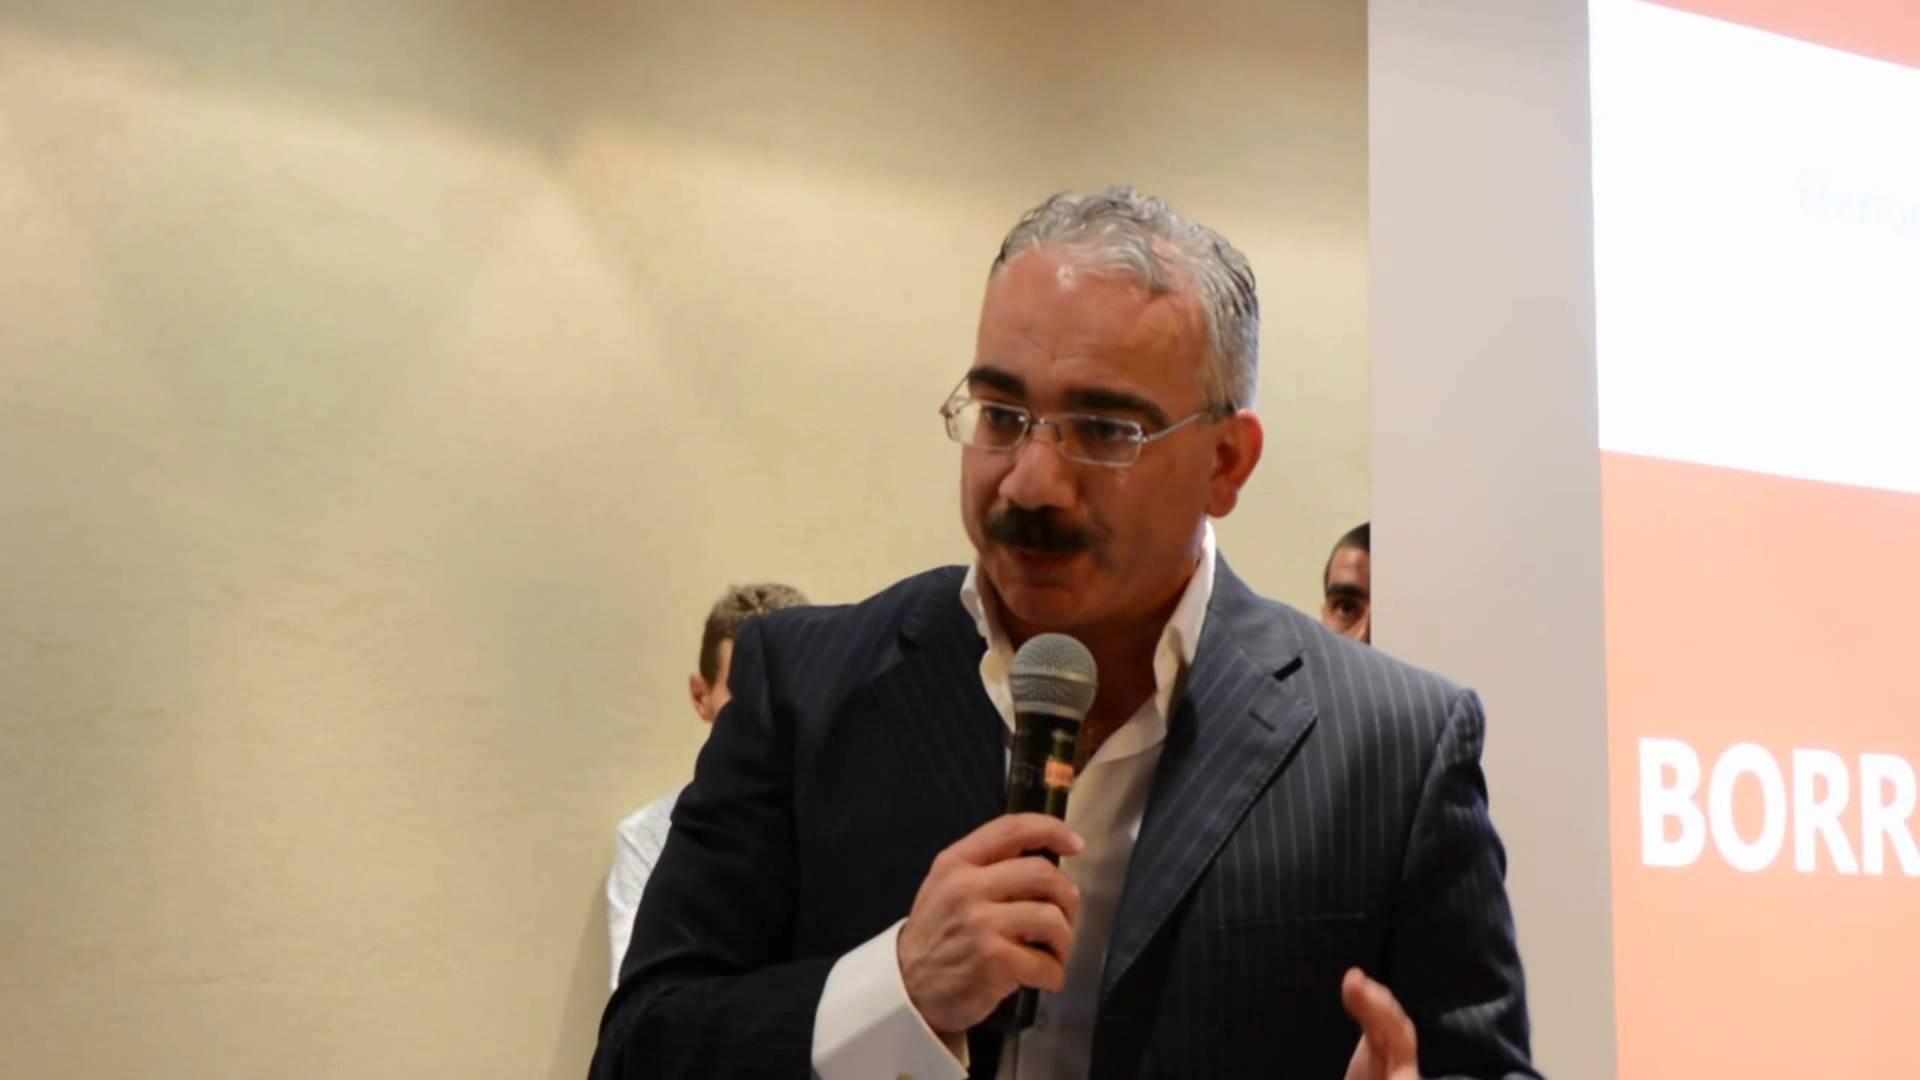 ILVA di Taranto: Polemiche fuori luogo